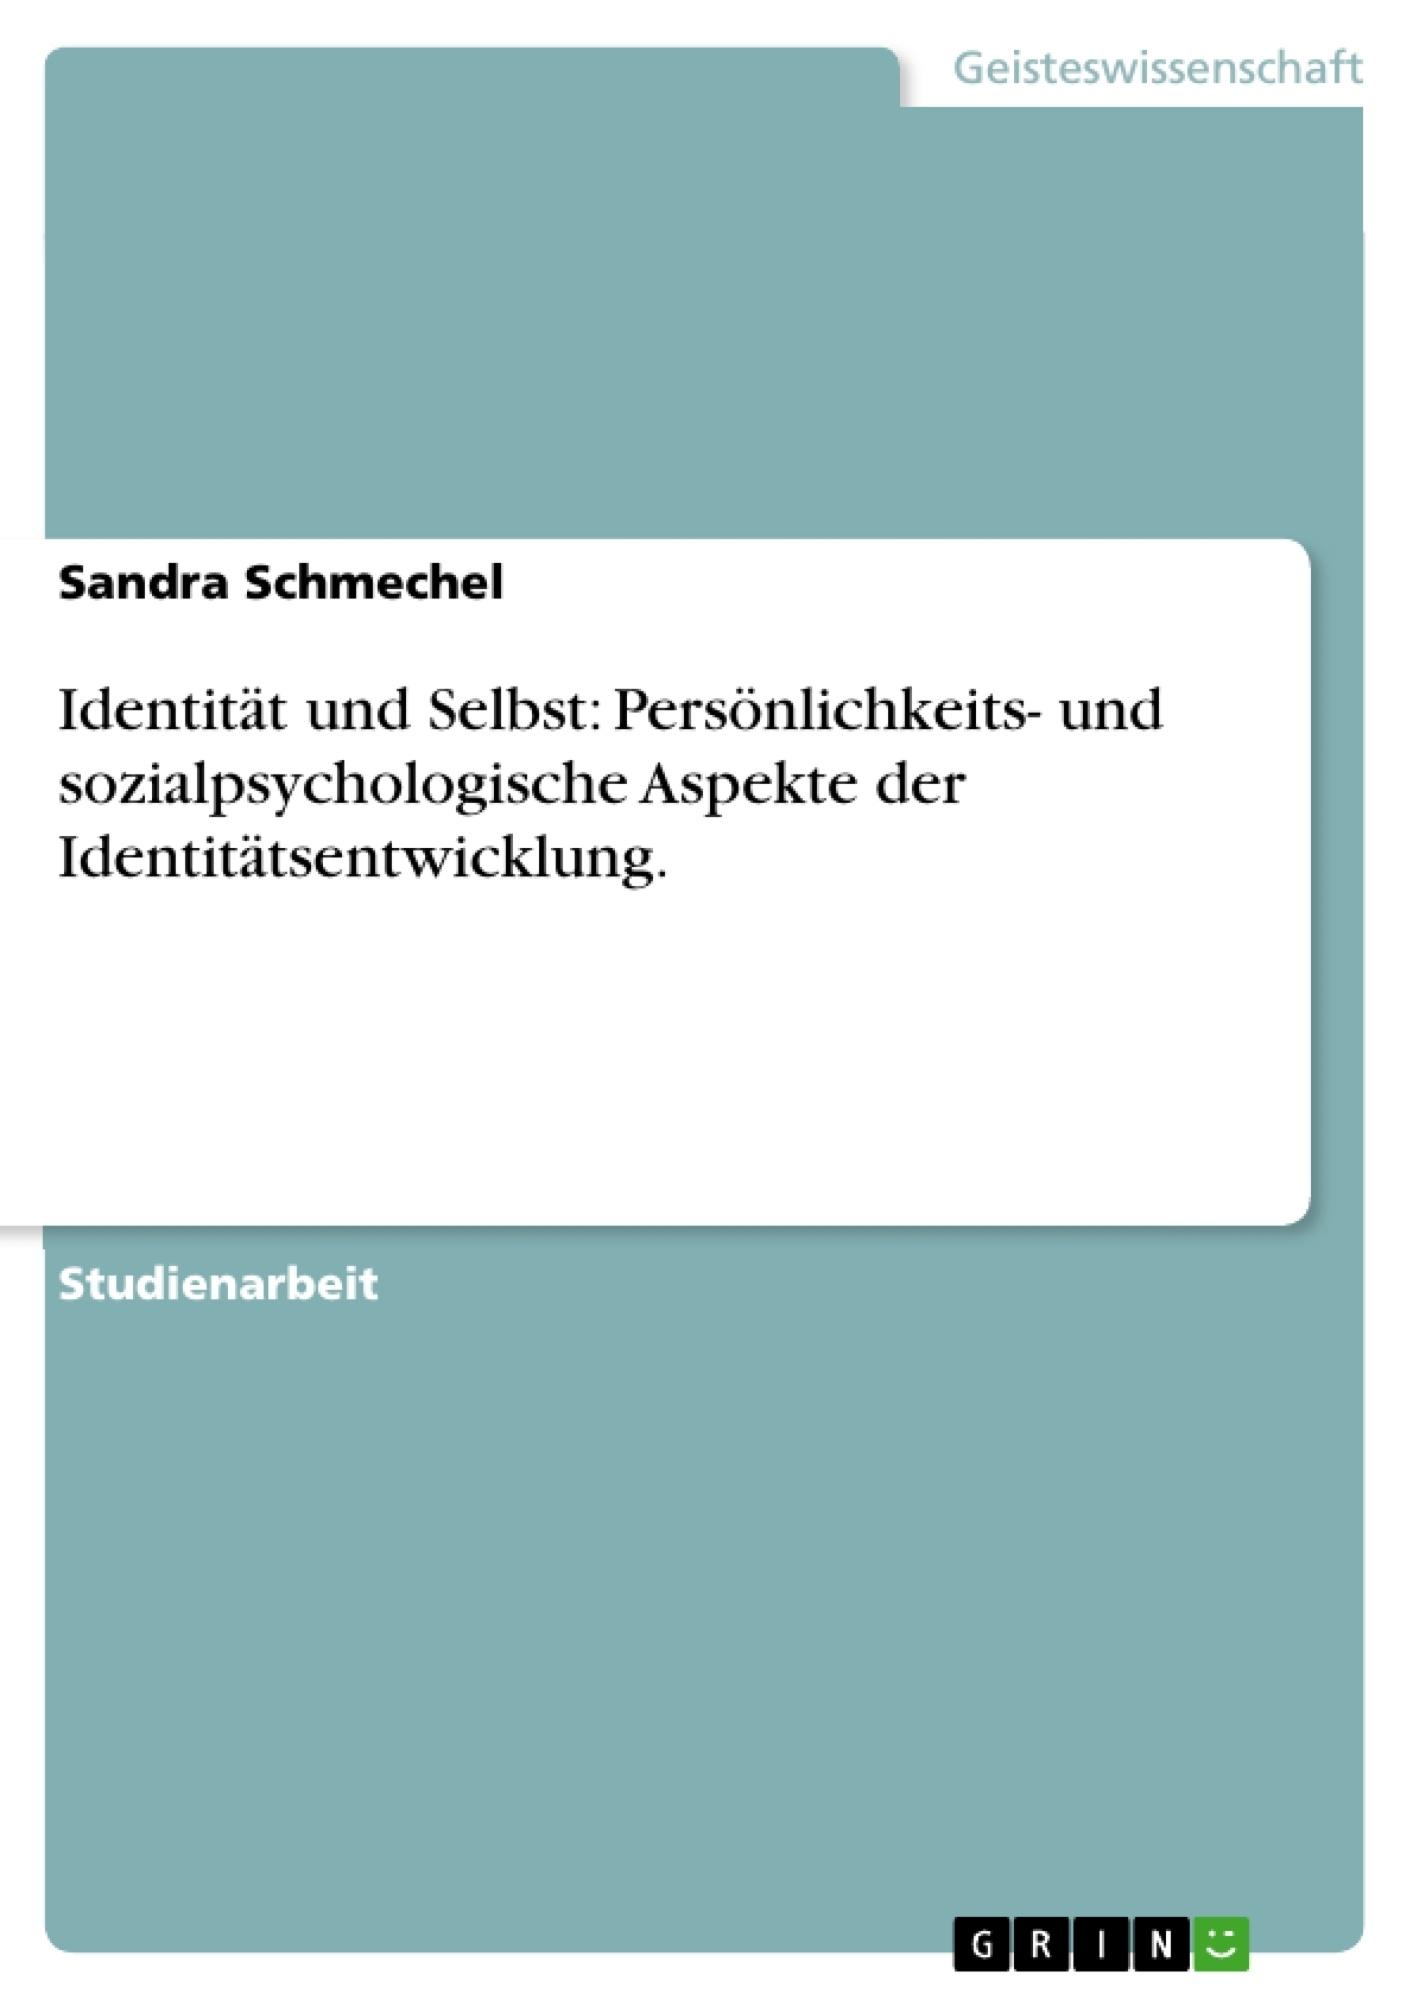 Titel: Identität und Selbst: Persönlichkeits- und sozialpsychologische Aspekte der Identitätsentwicklung.